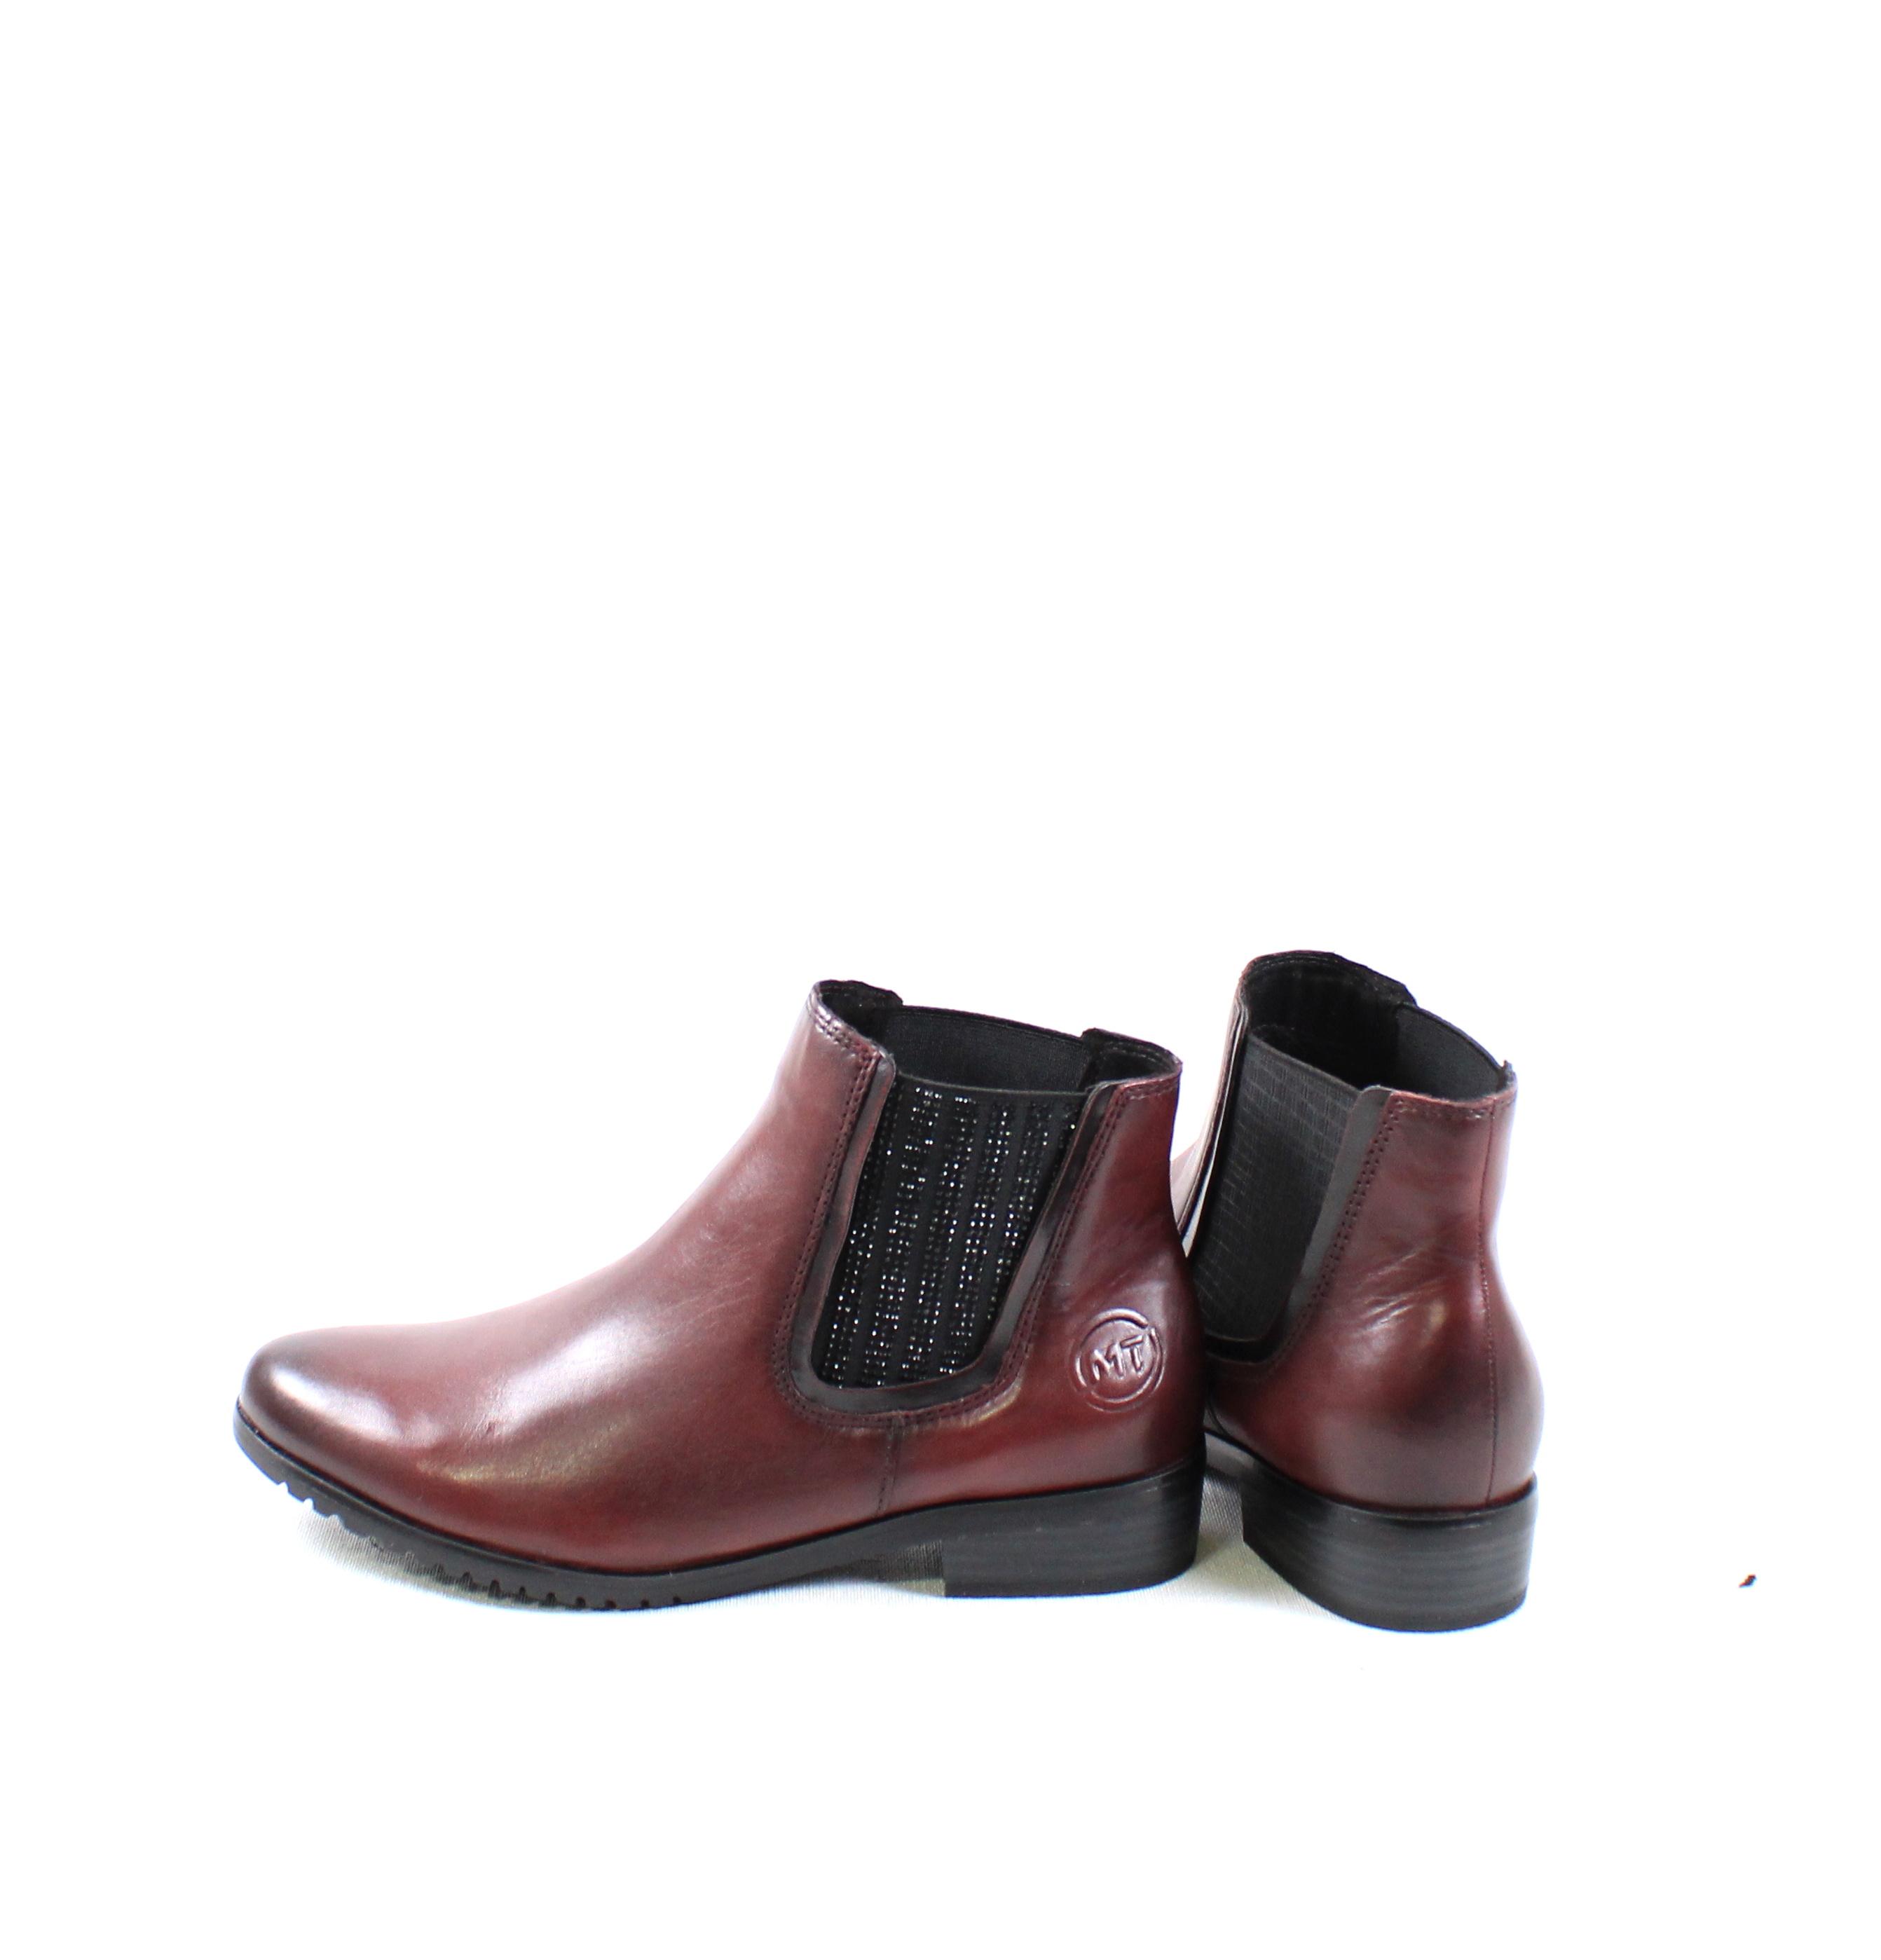 c150ede5a02e Dámske členkové čižmy MARCO TOZZI 2-25384-21 BORDEAUX – Topánky ...